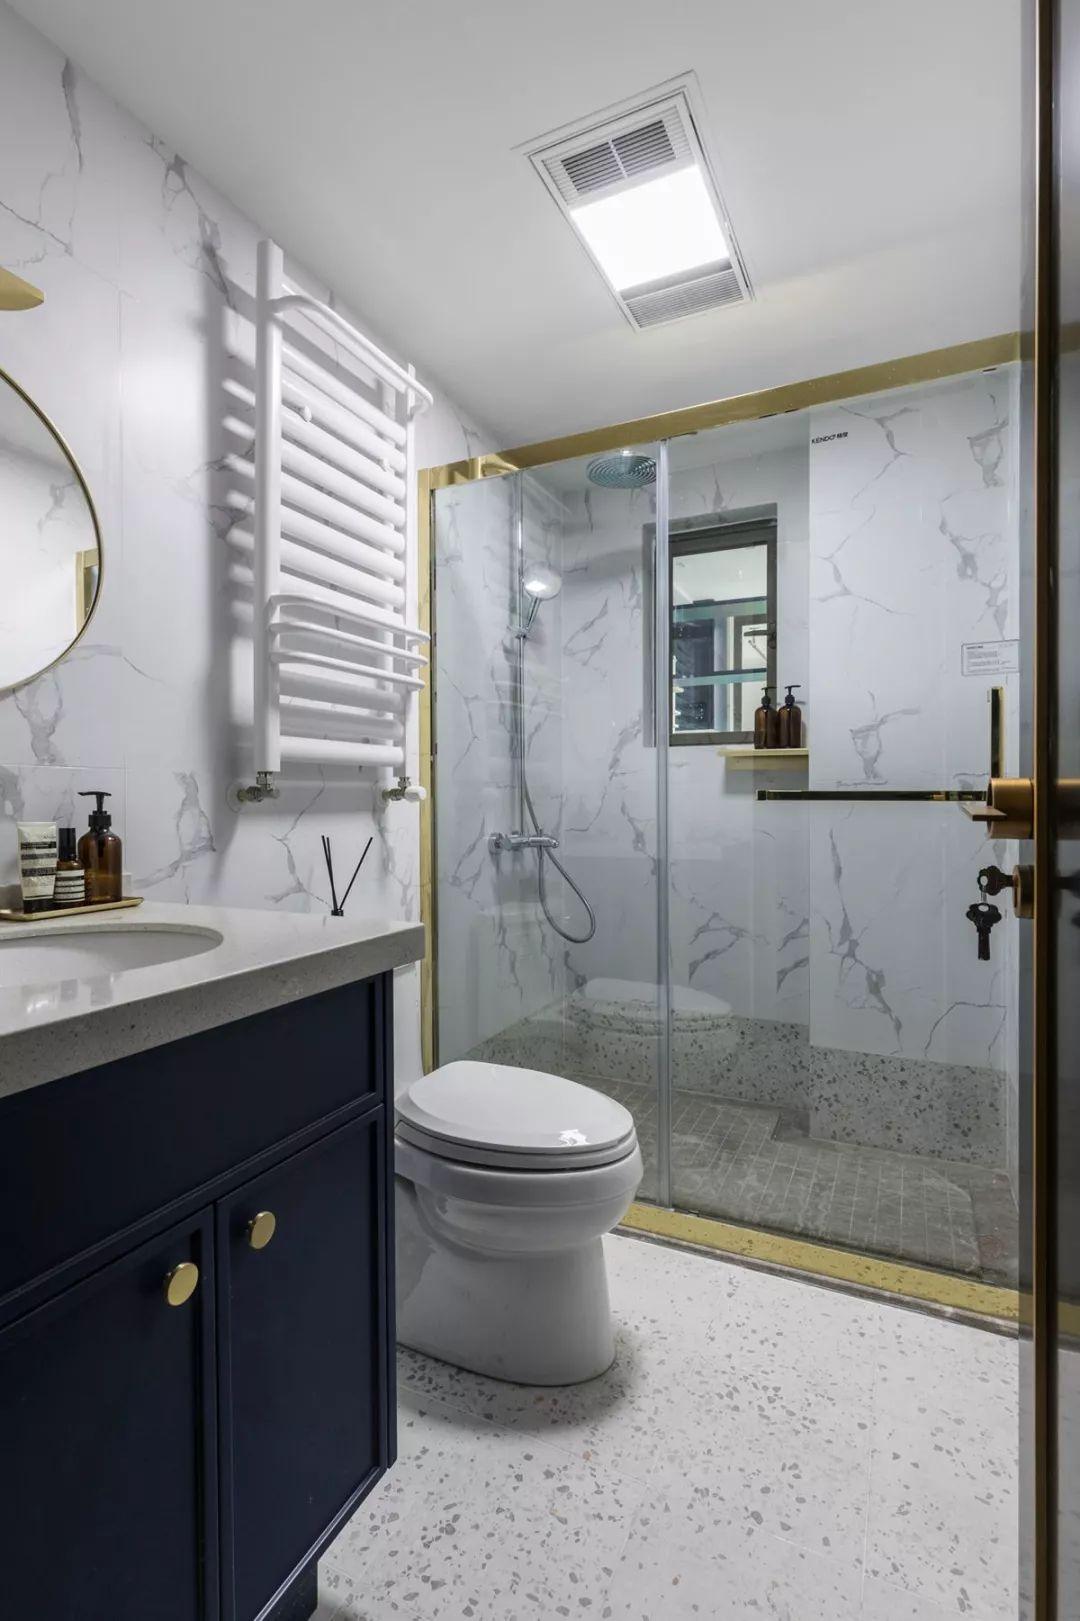 卫生间在水磨石地面基础,搭配雅白的墙面砖与深蓝色浴室柜,档次瞬间提升。